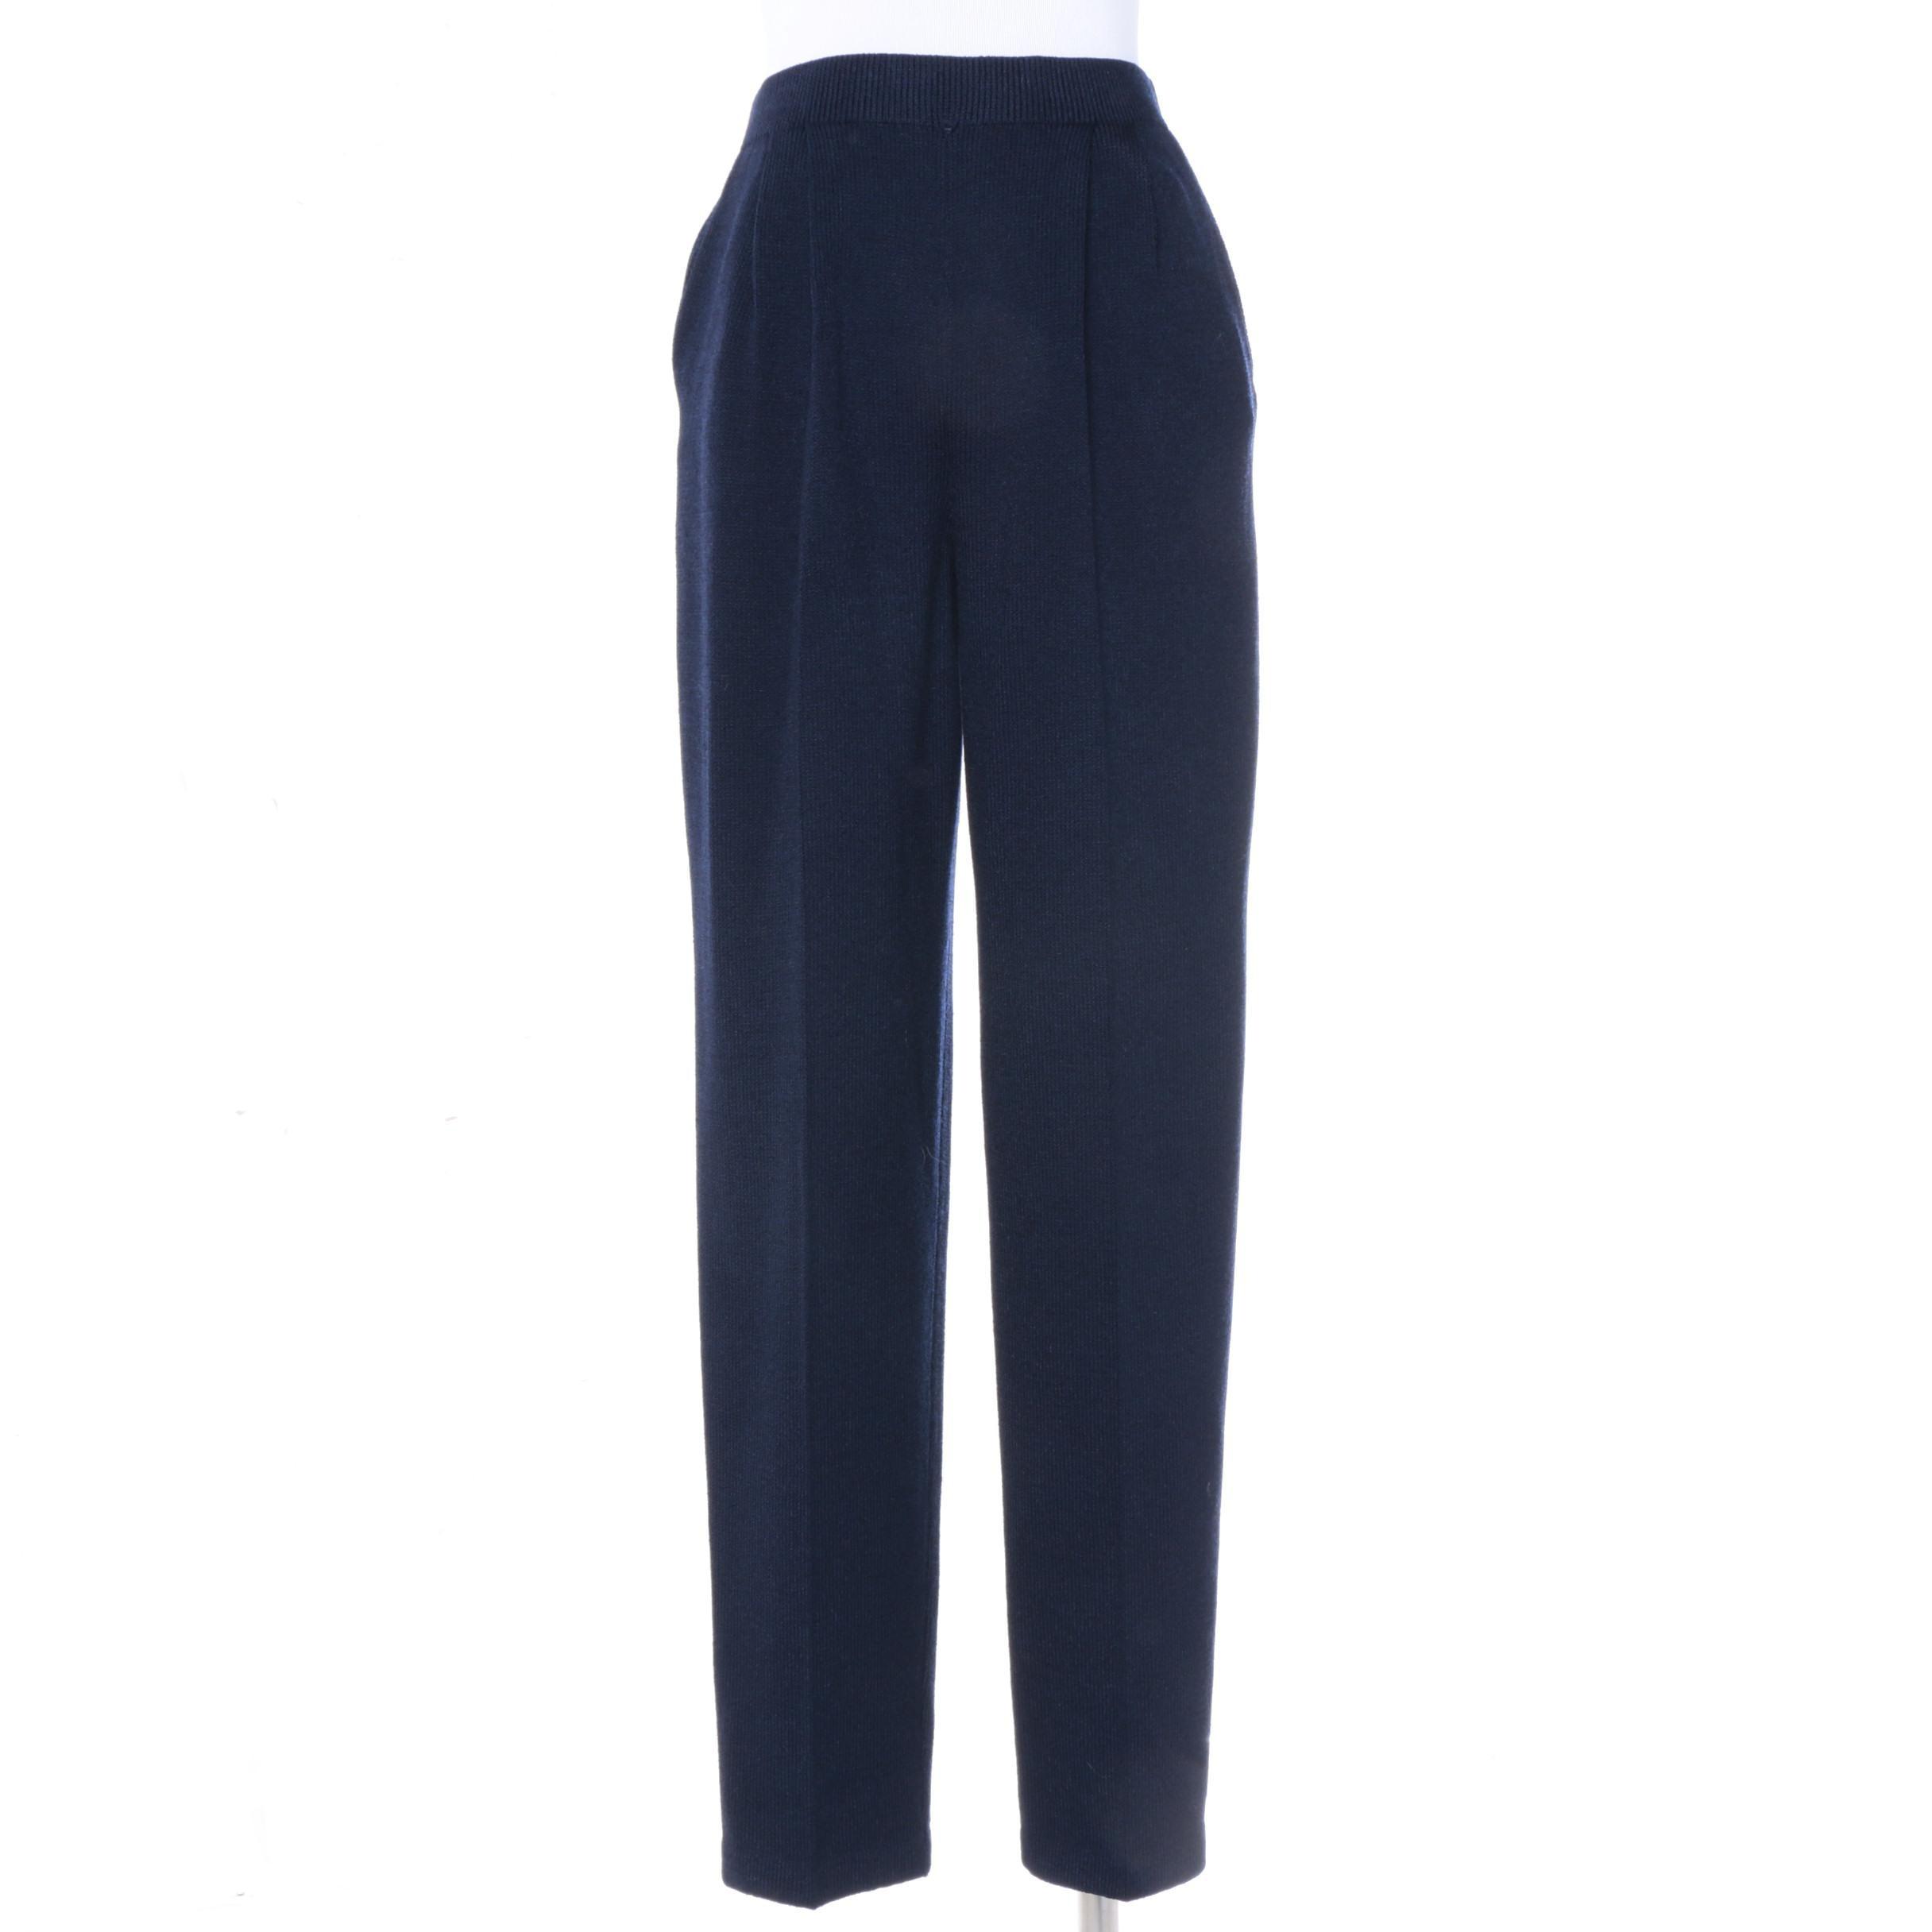 Women's St. John Basics Navy Blue Knit Slacks